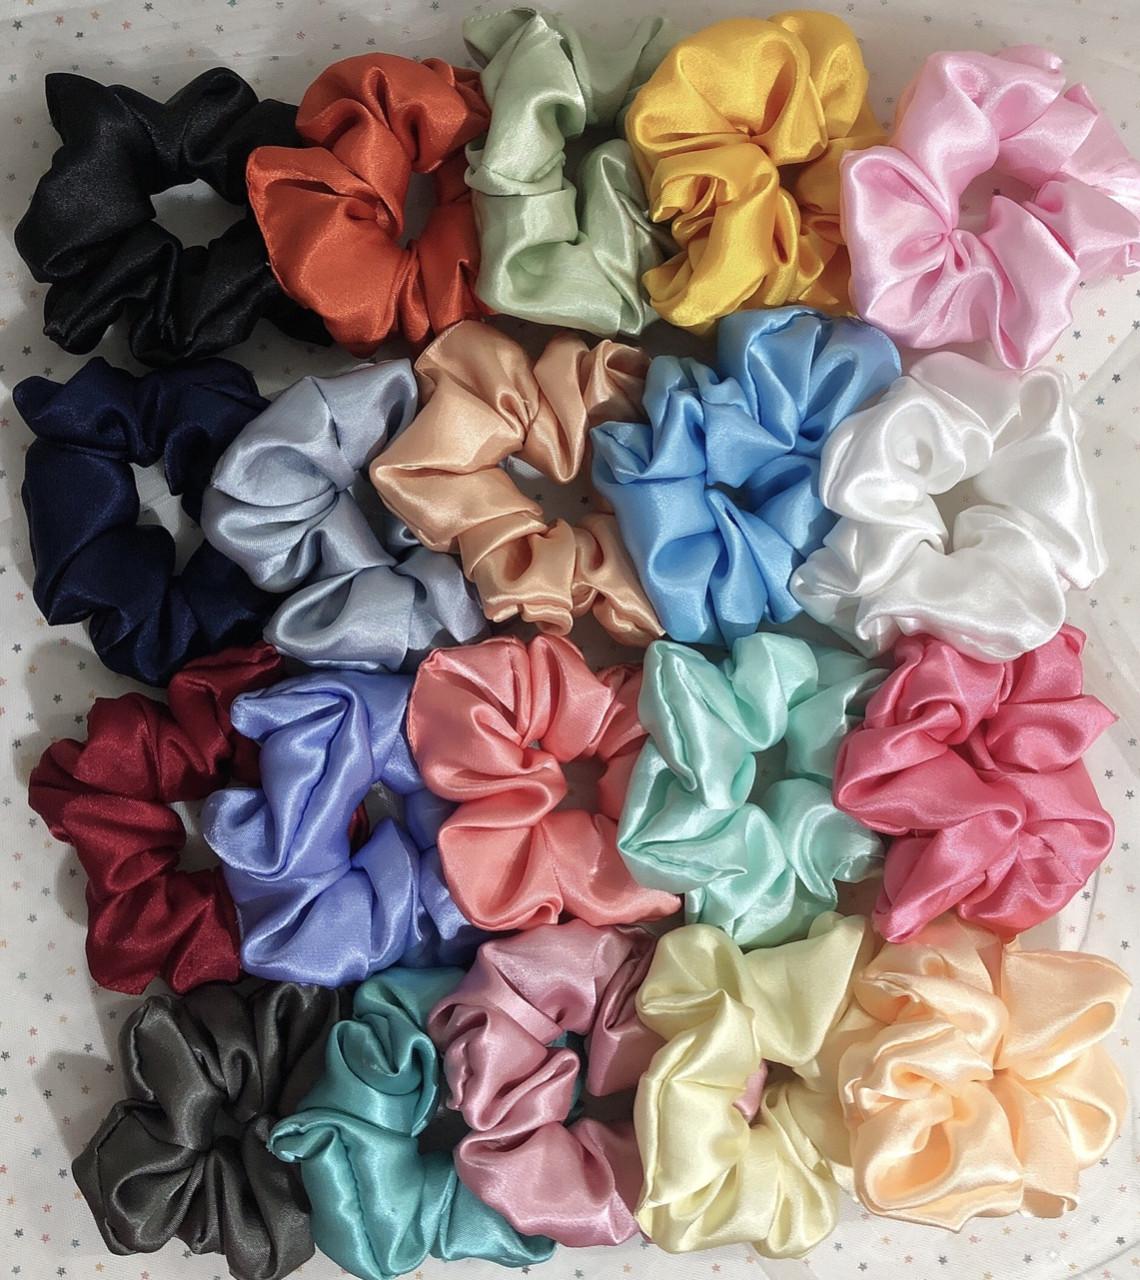 Giá Tiết Kiệm Khi Sở Hữu Cột Tóc Vải Scrunchies Loại Satin Bóng